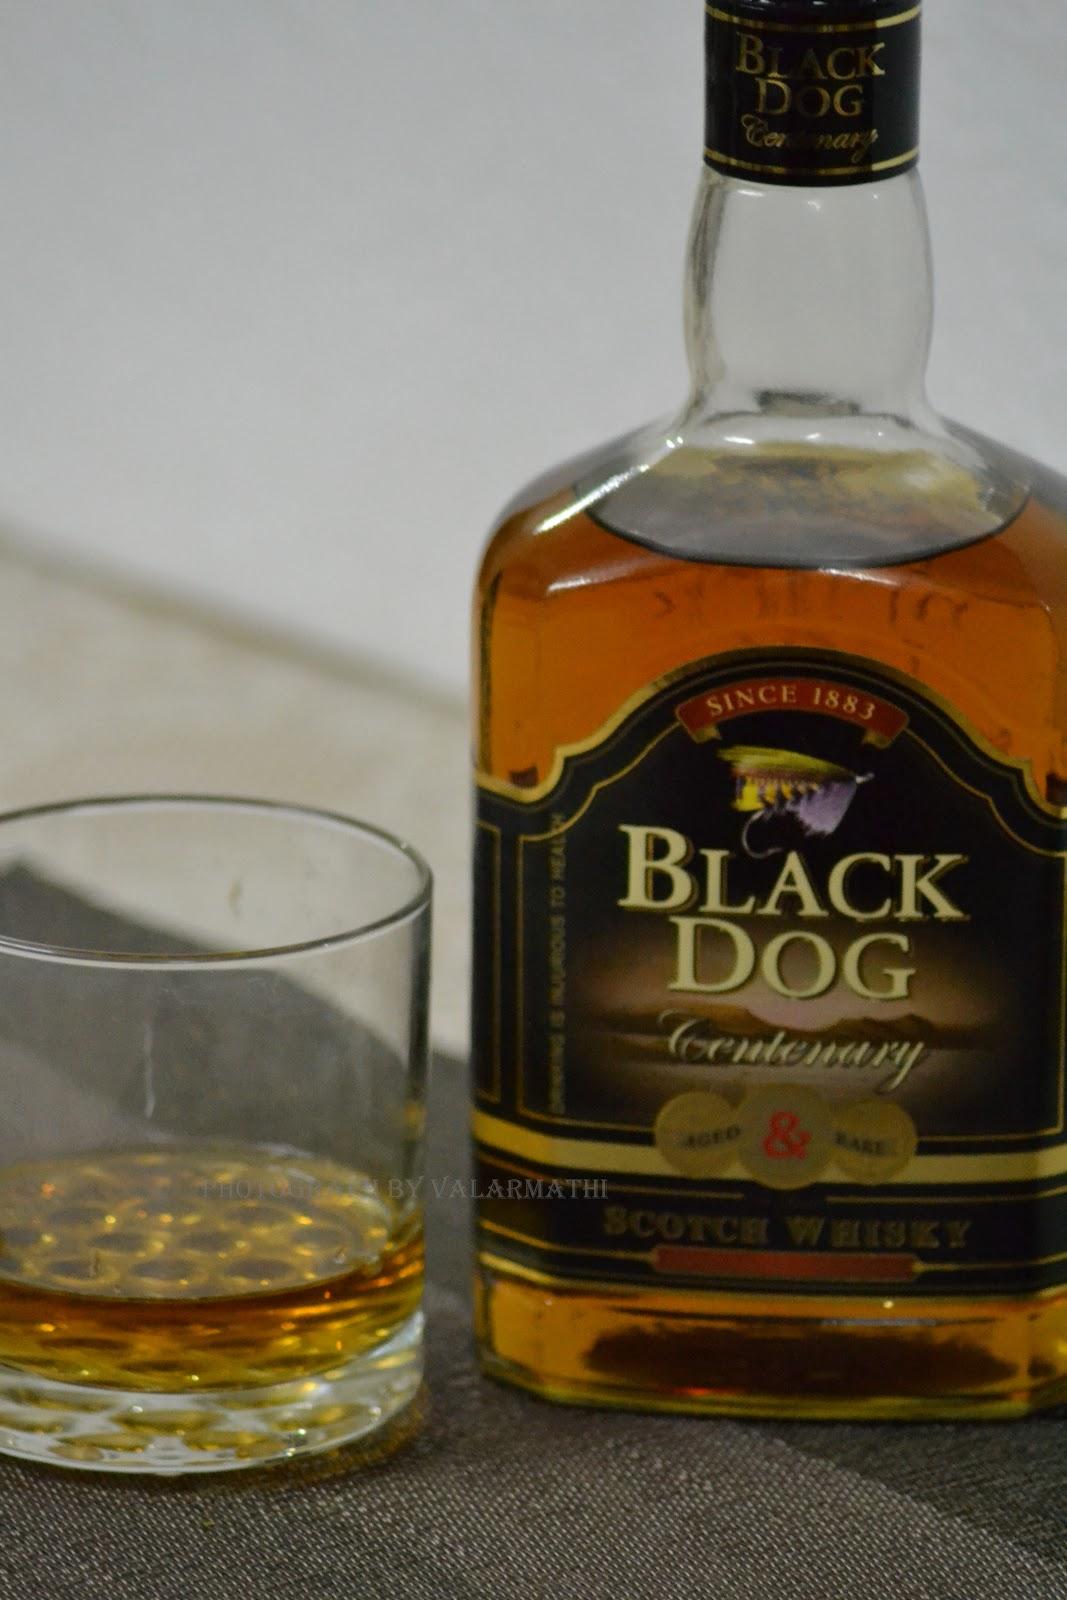 Black Dog Whisky India